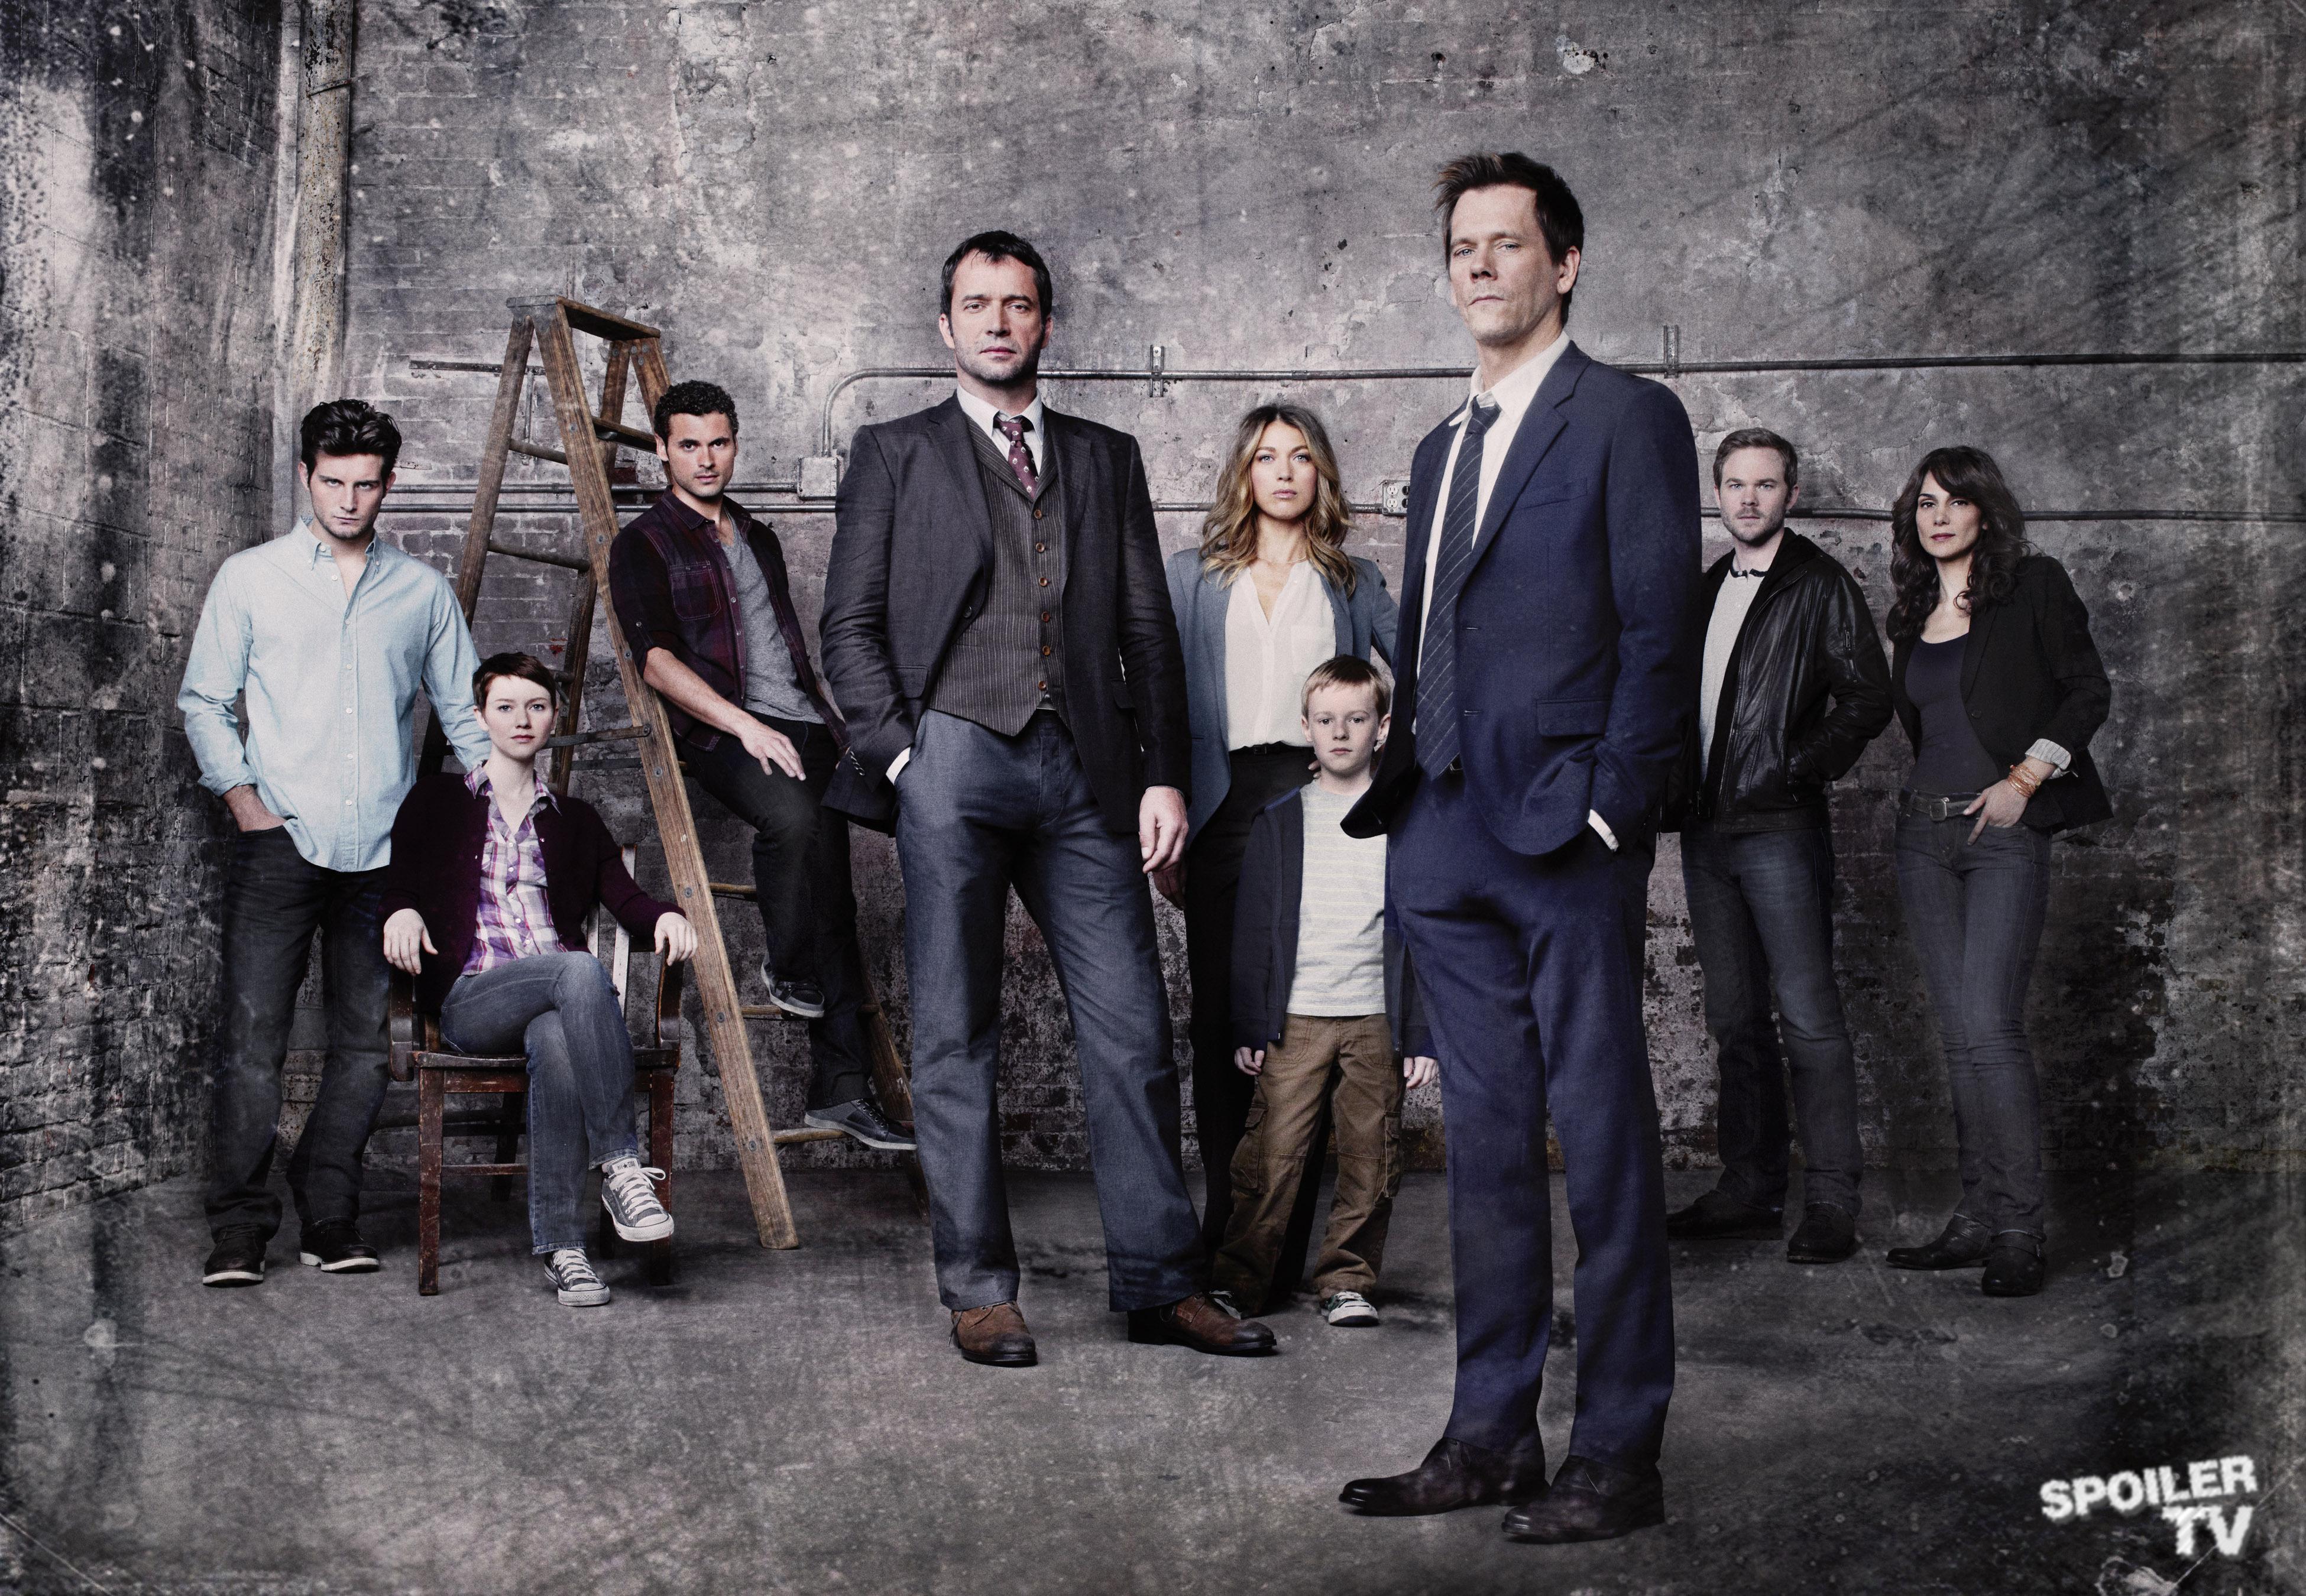 http://images6.fanpop.com/image/photos/32500000/The-Following-Cast-Promotional-Group-Photos-the-following-32576269-3900-2700.jpg